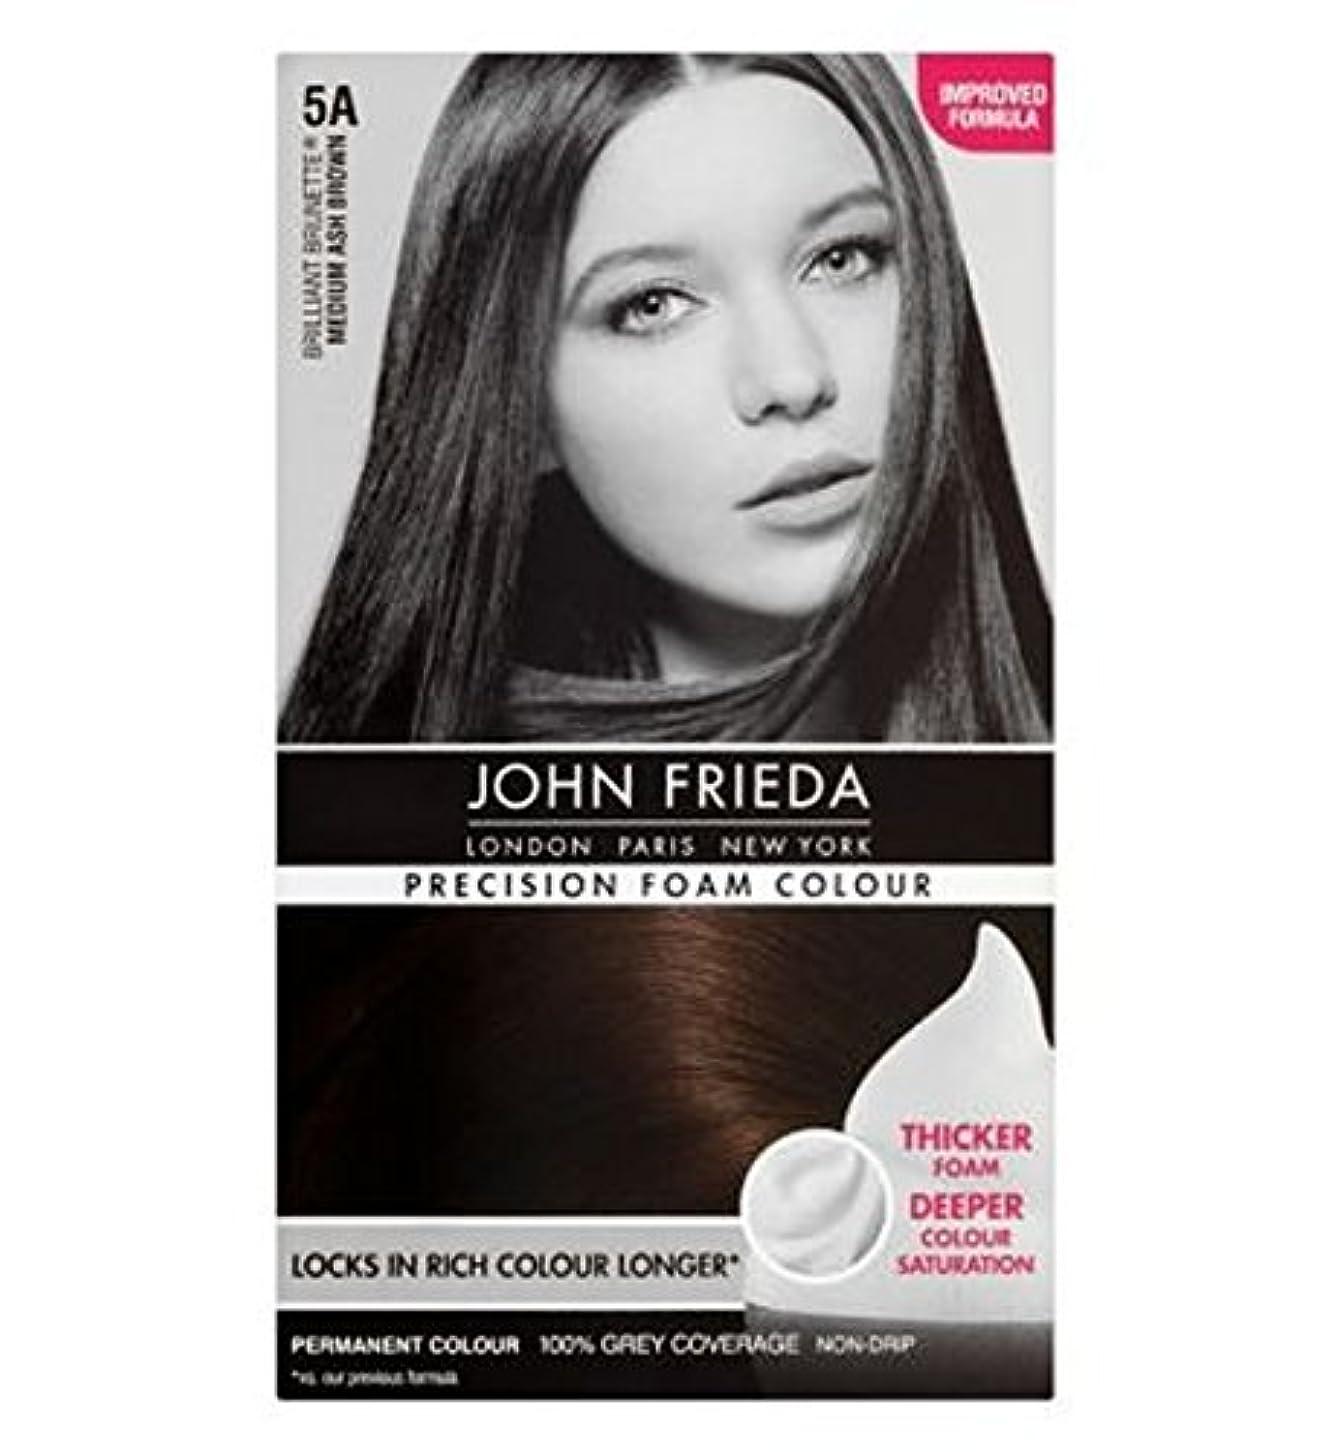 鳴らすライド石灰岩John Frieda Precision Foam Colour 5A Medium Ash Brown - ジョン?フリーダ精密泡カラー5Aのミディアムアッシュブラウン (John Frieda) [並行輸入品]